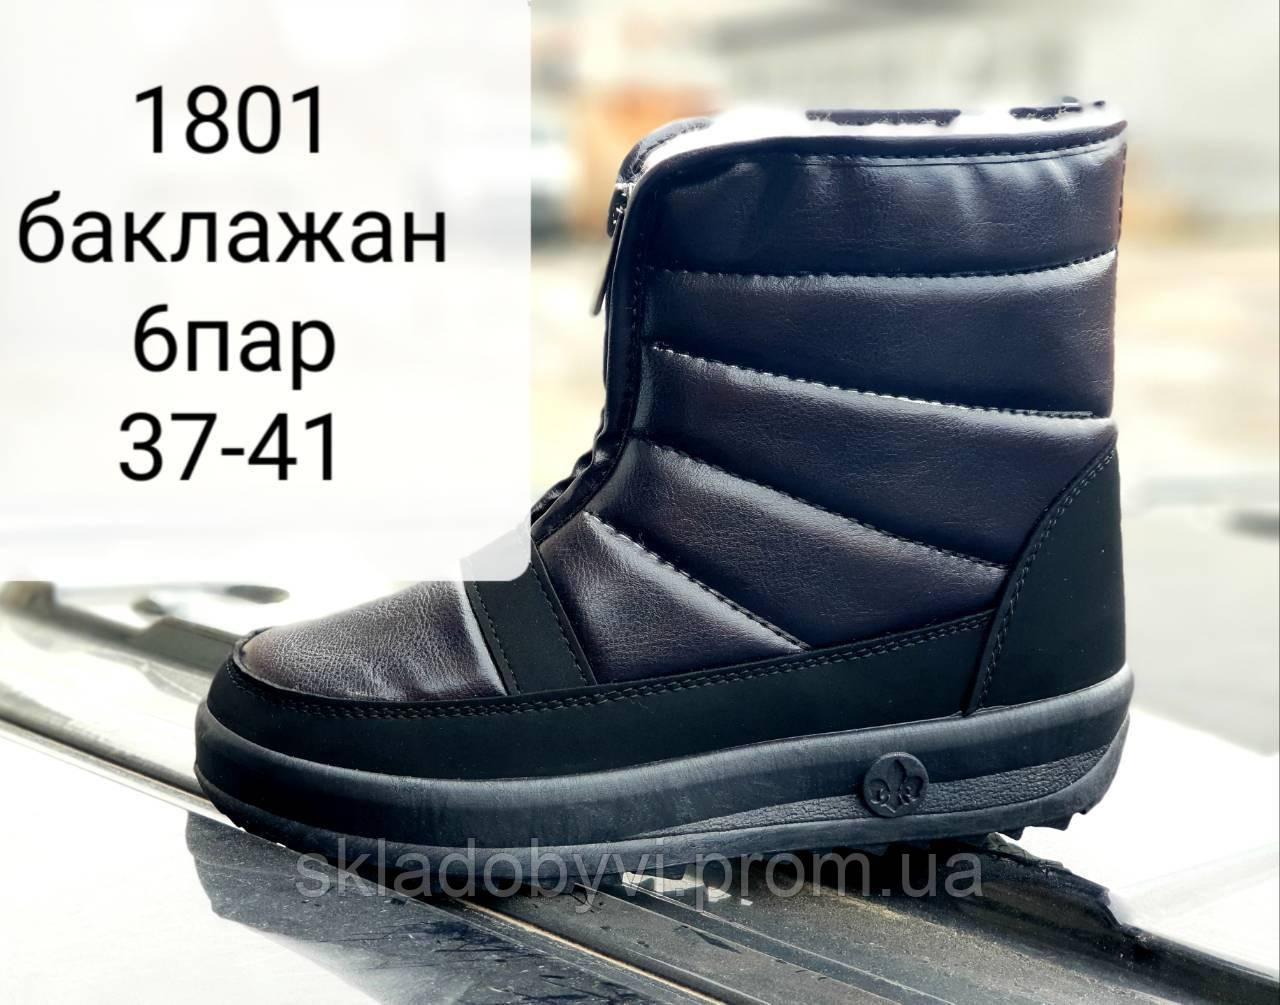 Женские дутики сапоги кроссовки. 1801